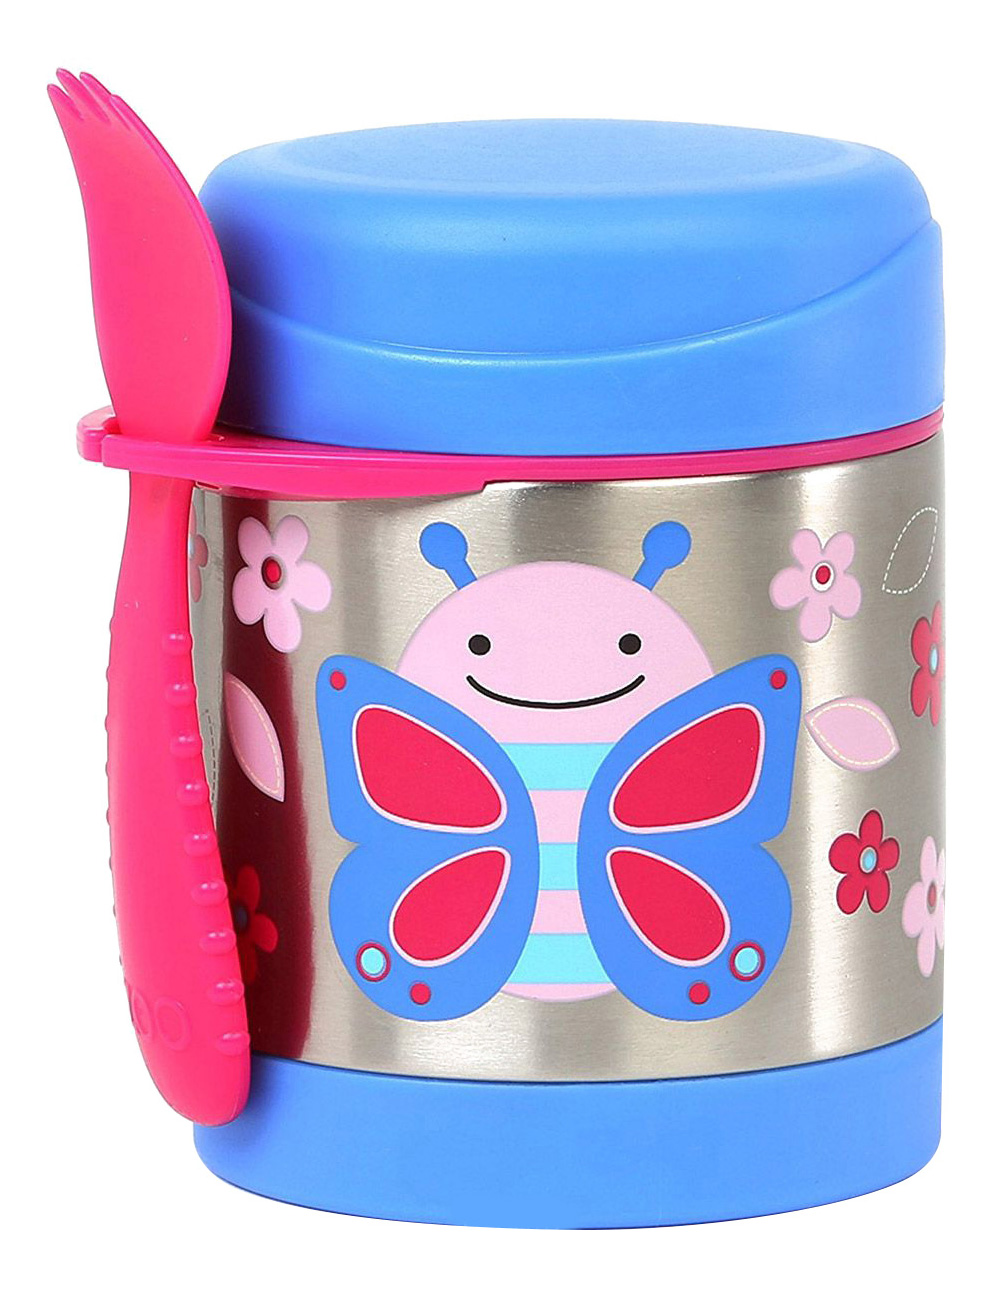 Фото - Термос Skip Hop Бабочка SH 252381 0,33 л голубой/розовый/серебристый Бабочка SH 252381